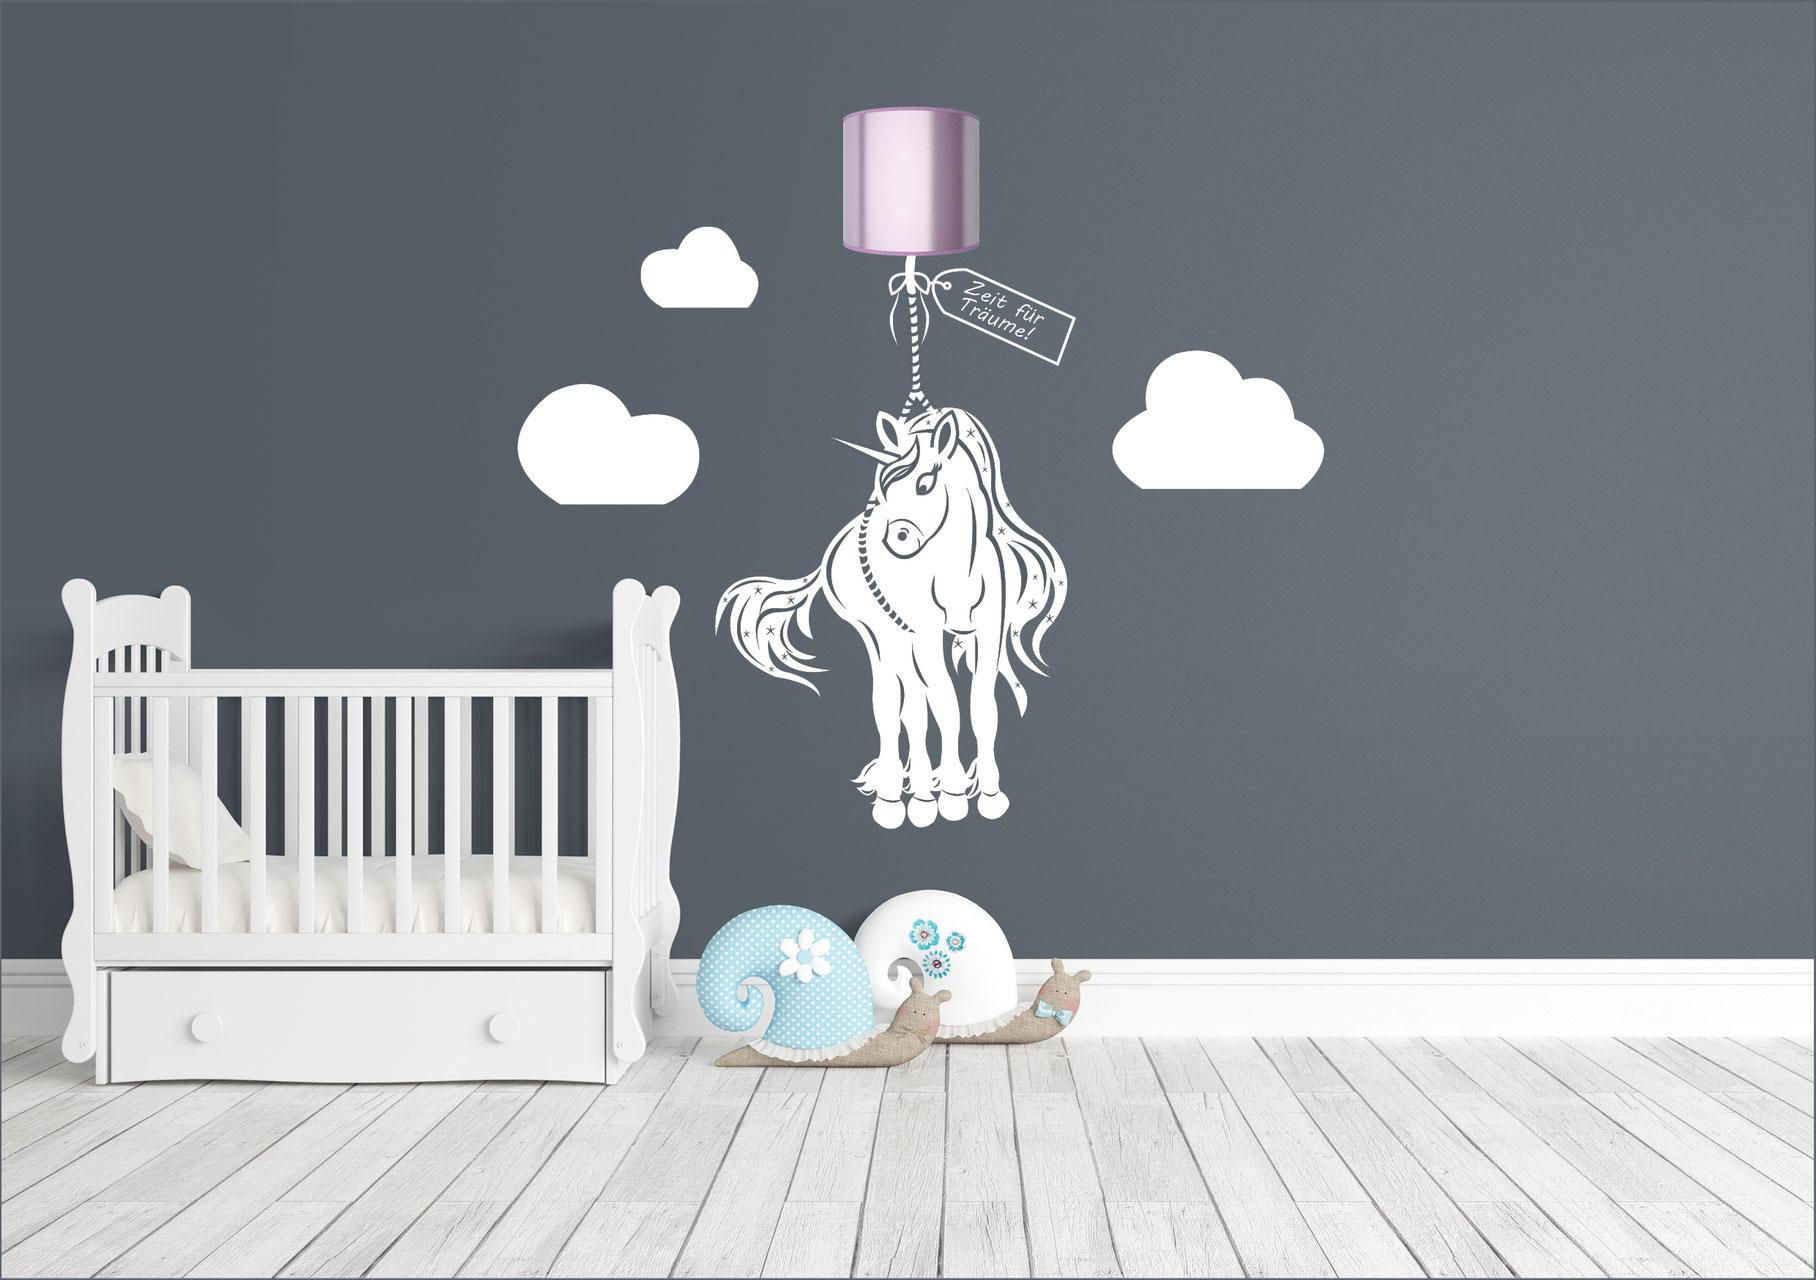 Entzückend Wandtattoo Anbringen Das Beste Von Wandtattoos Mit Licht Für Ihr Kinderzimmer